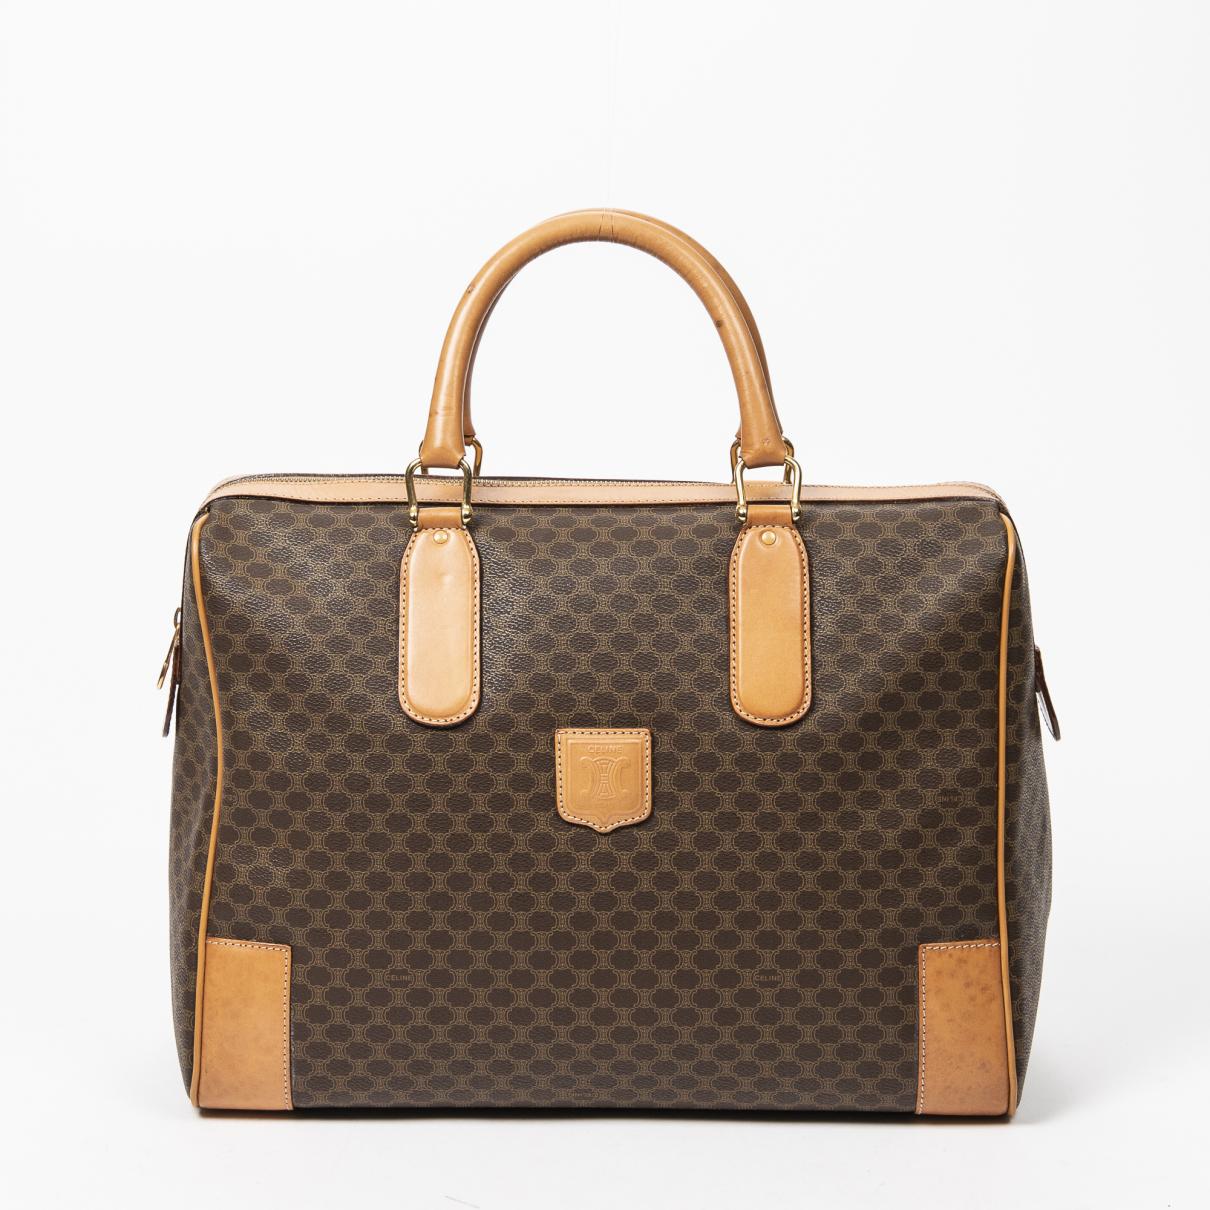 Celine \N Handtasche in  Braun Leder